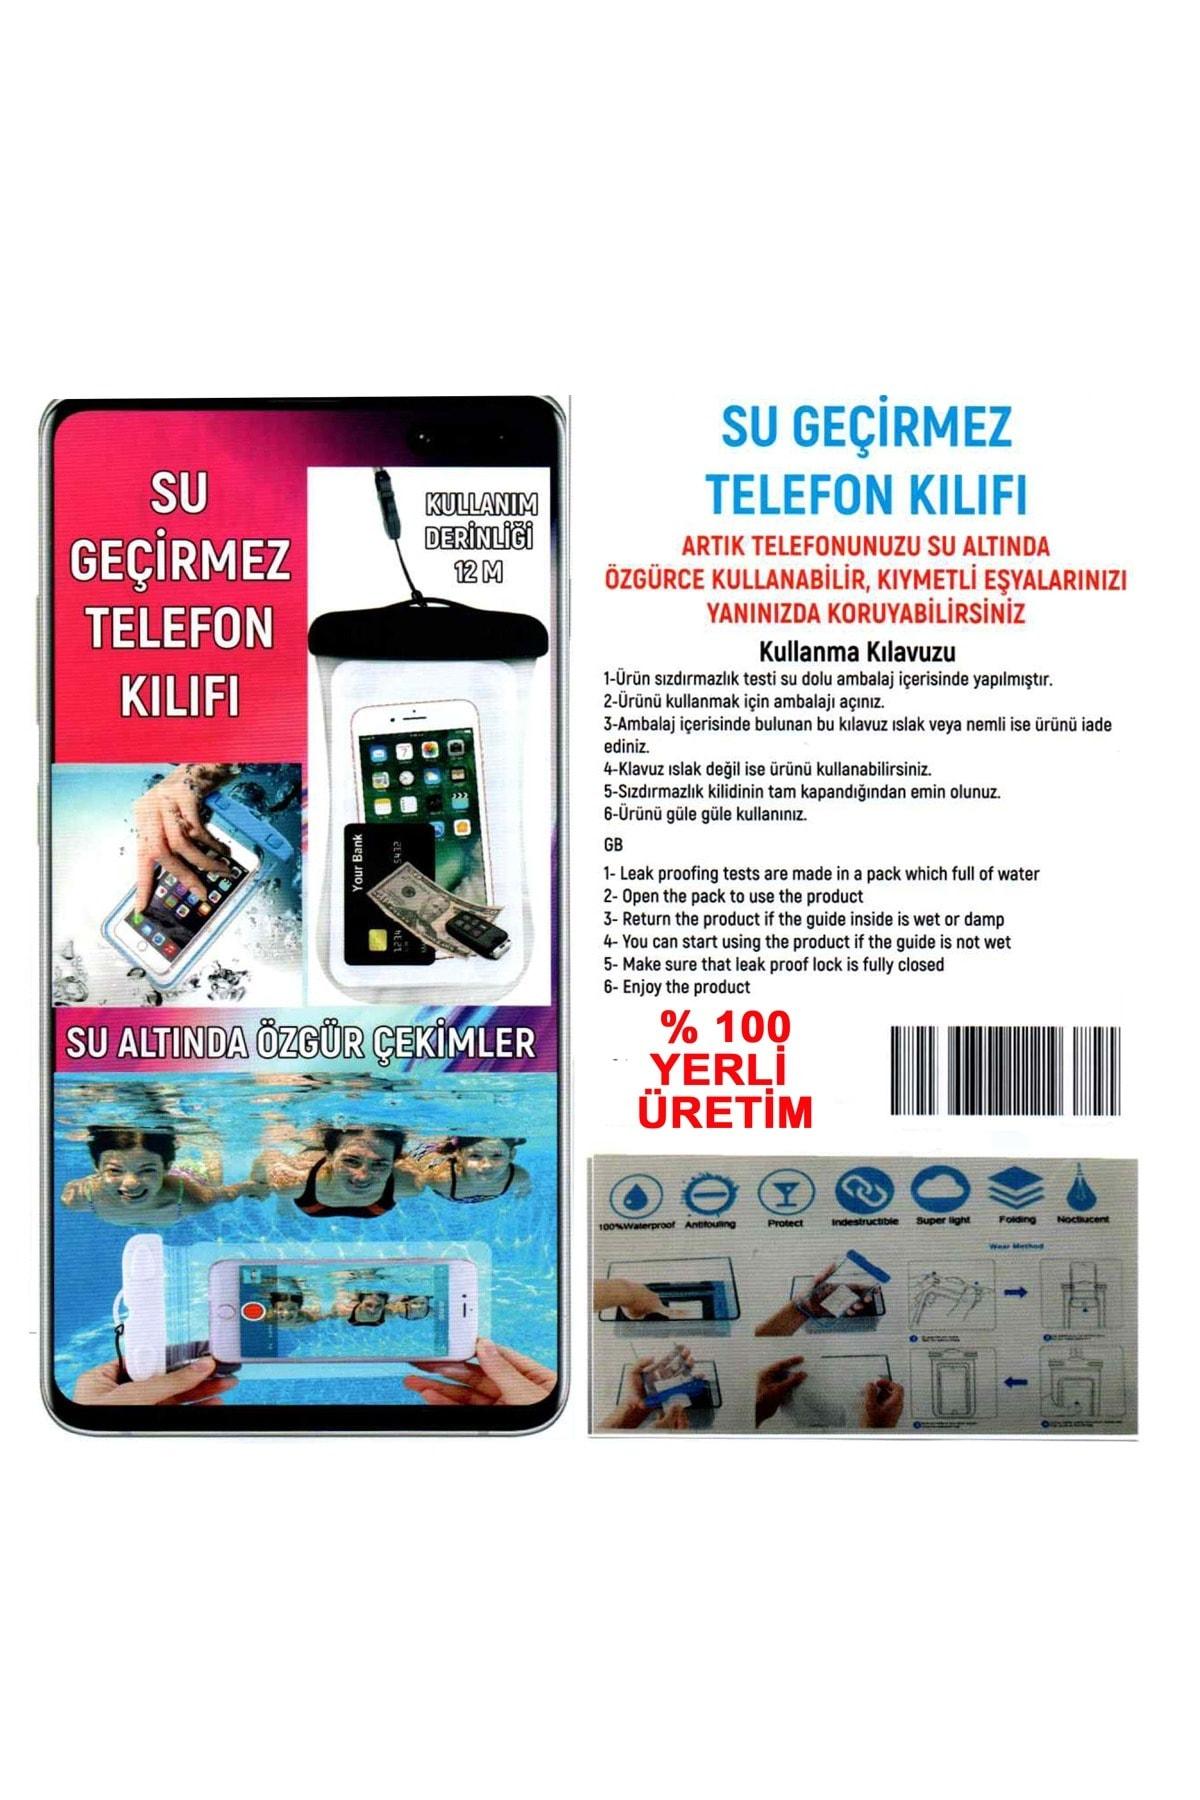 GDL Retro Mobile Su Geçirmez Telefon Kılıfı (YERLİ ÜRETİM) 2